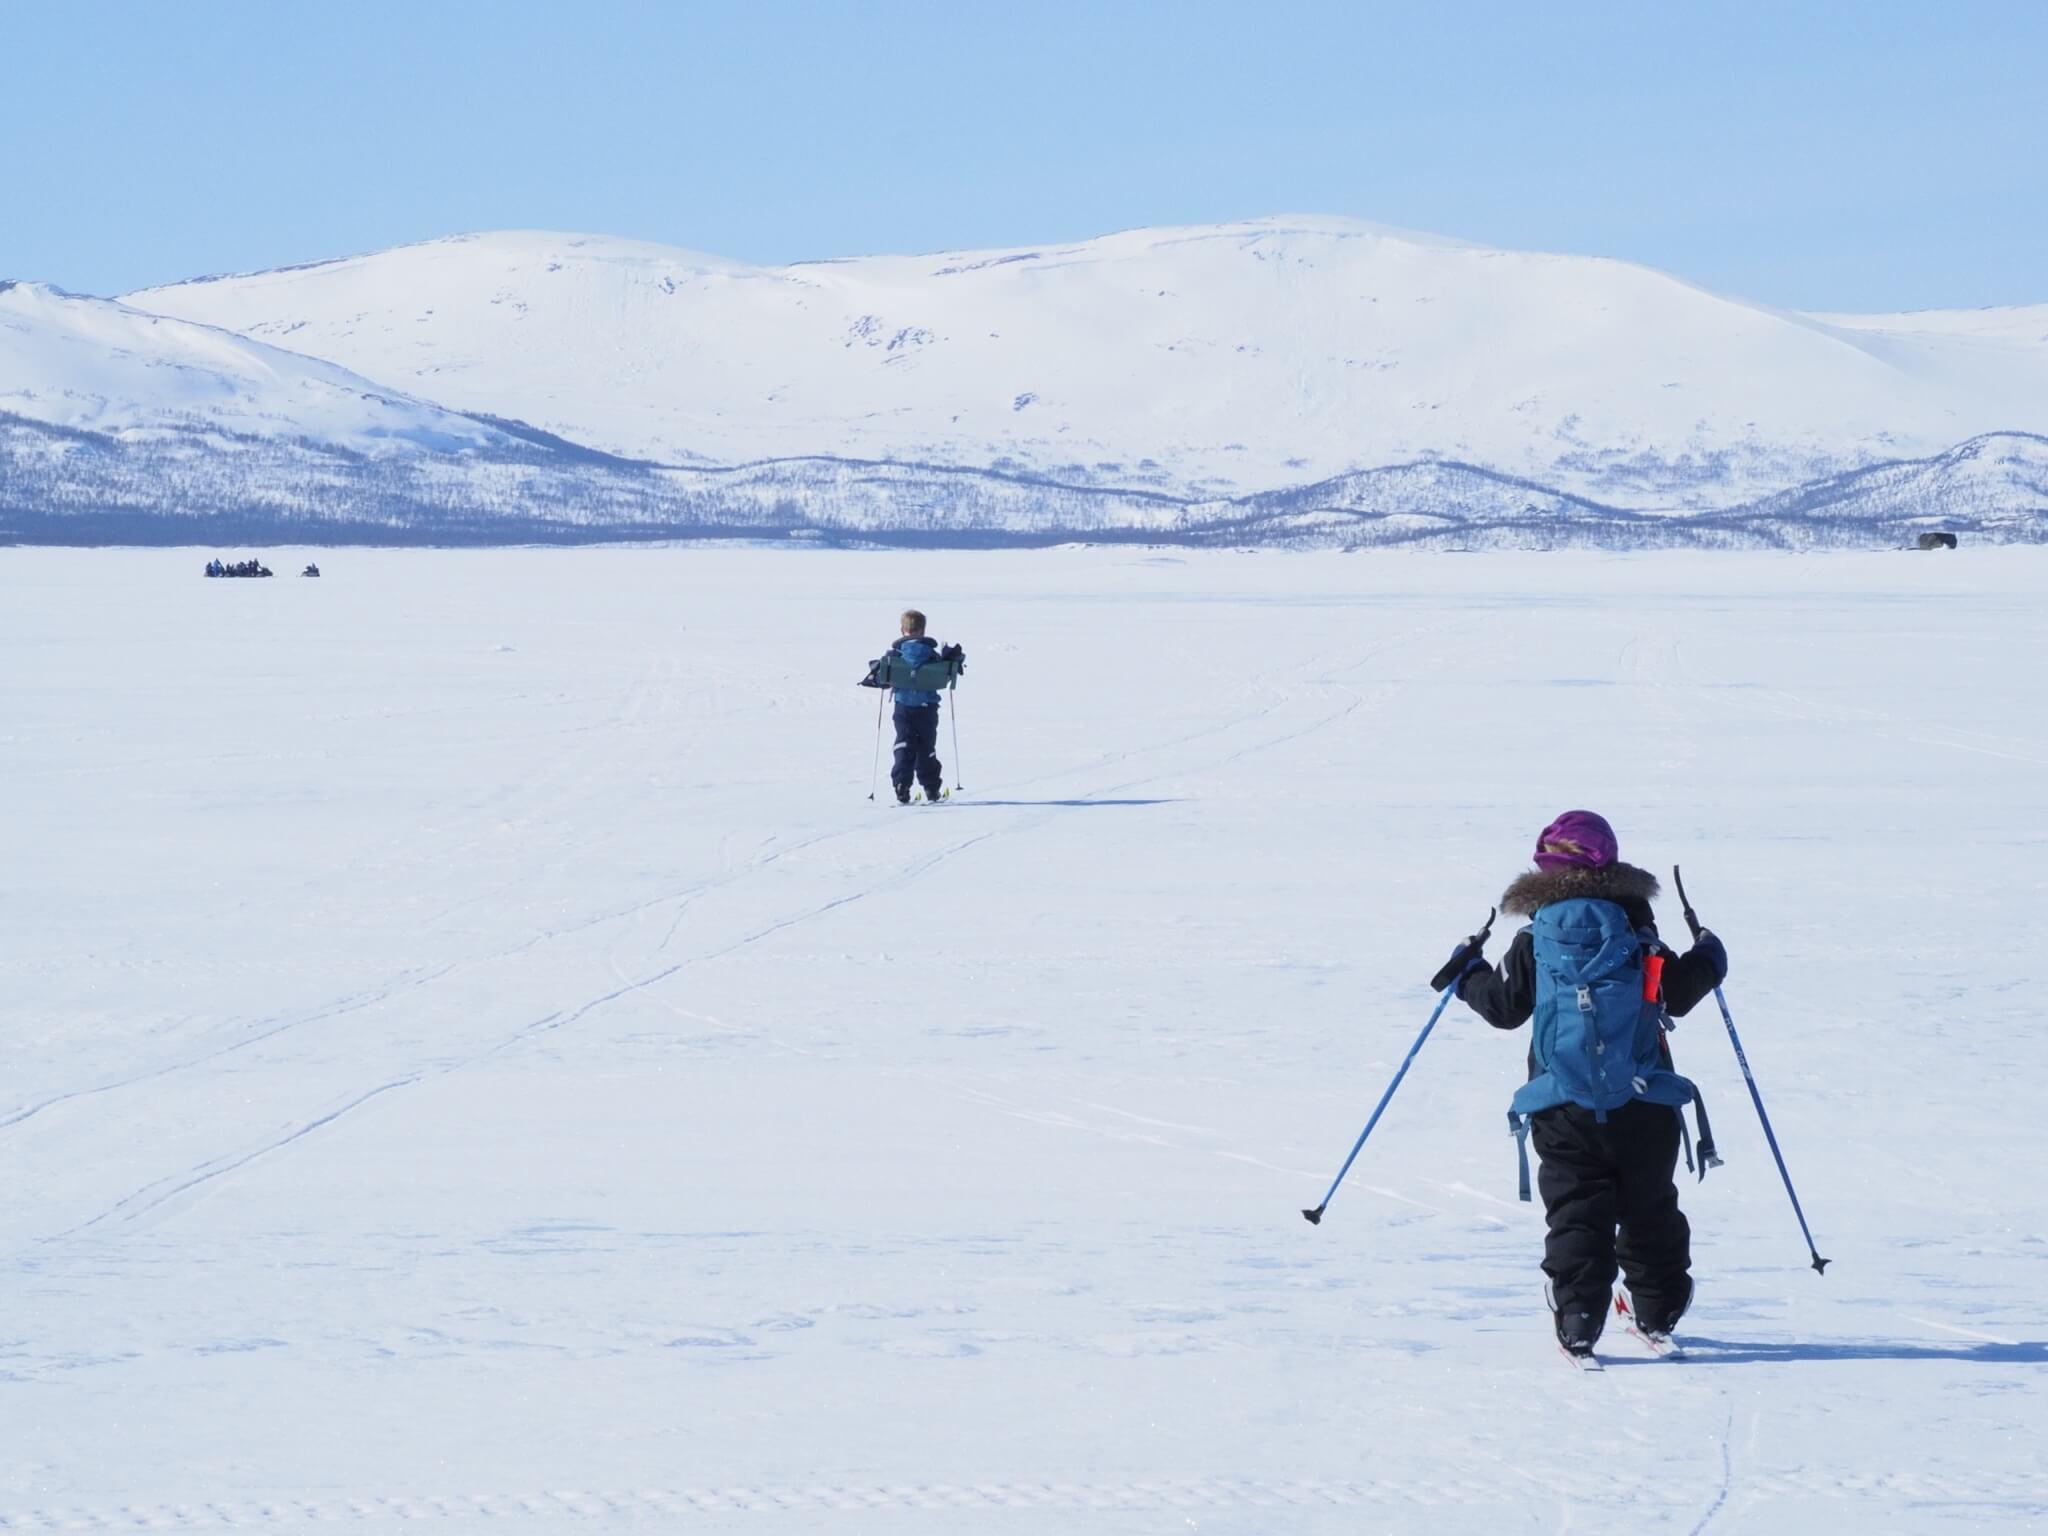 Vinterbild. Två barn åker längdskidor på en sjö.